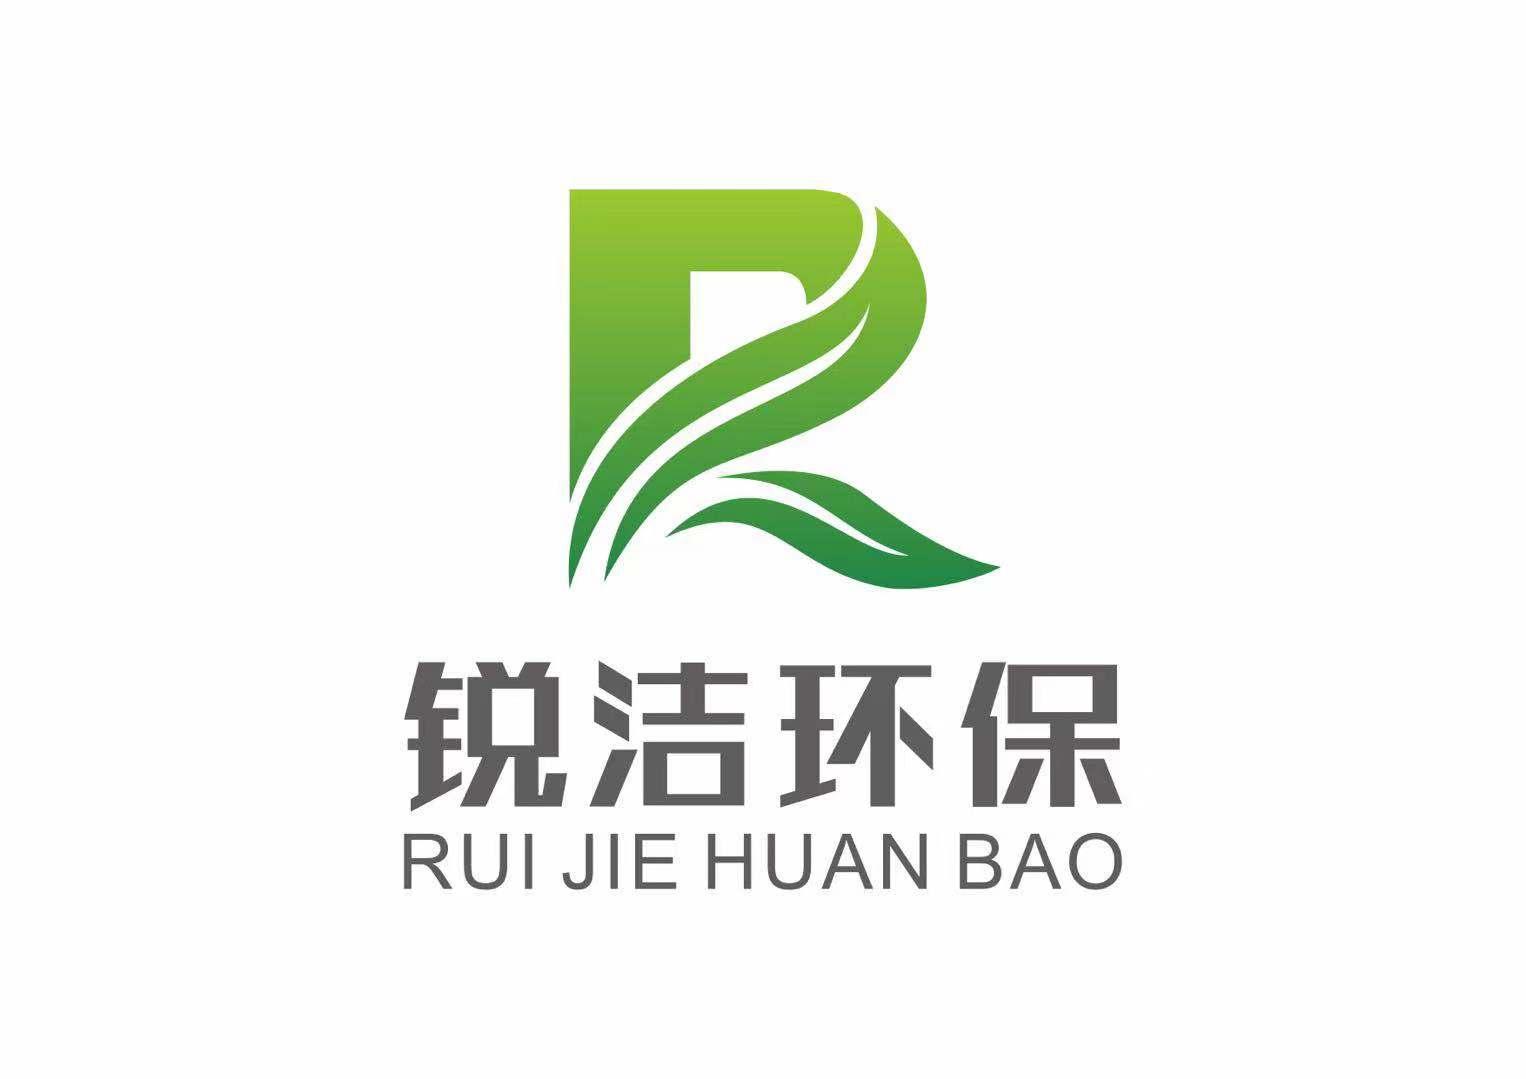 武漢特銳潔環保科技有限公司